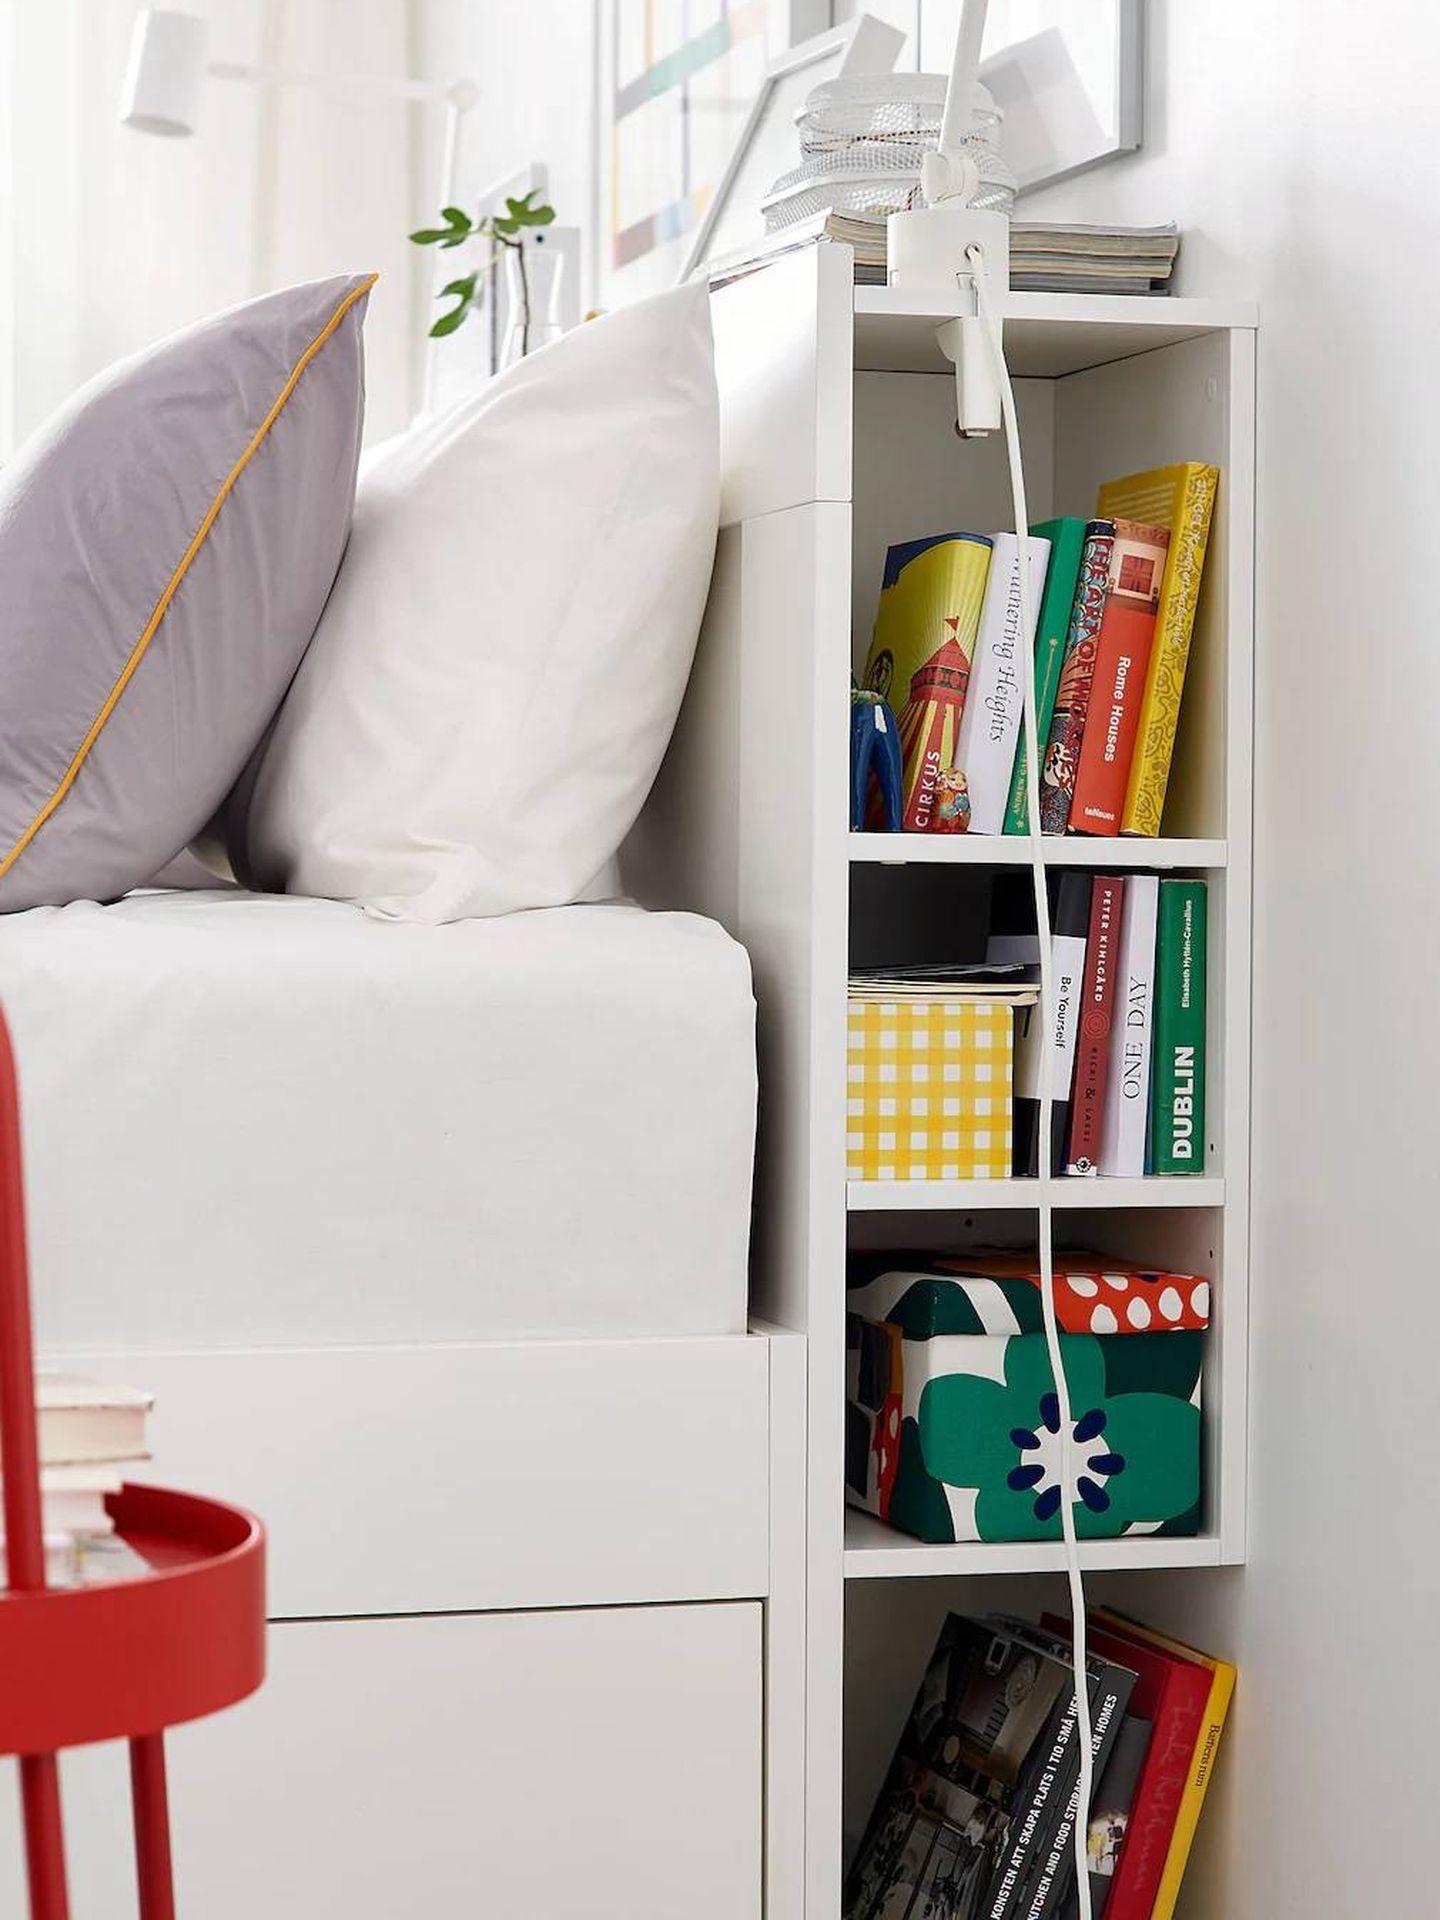 Cabecero de Ikea. (Cortesía)